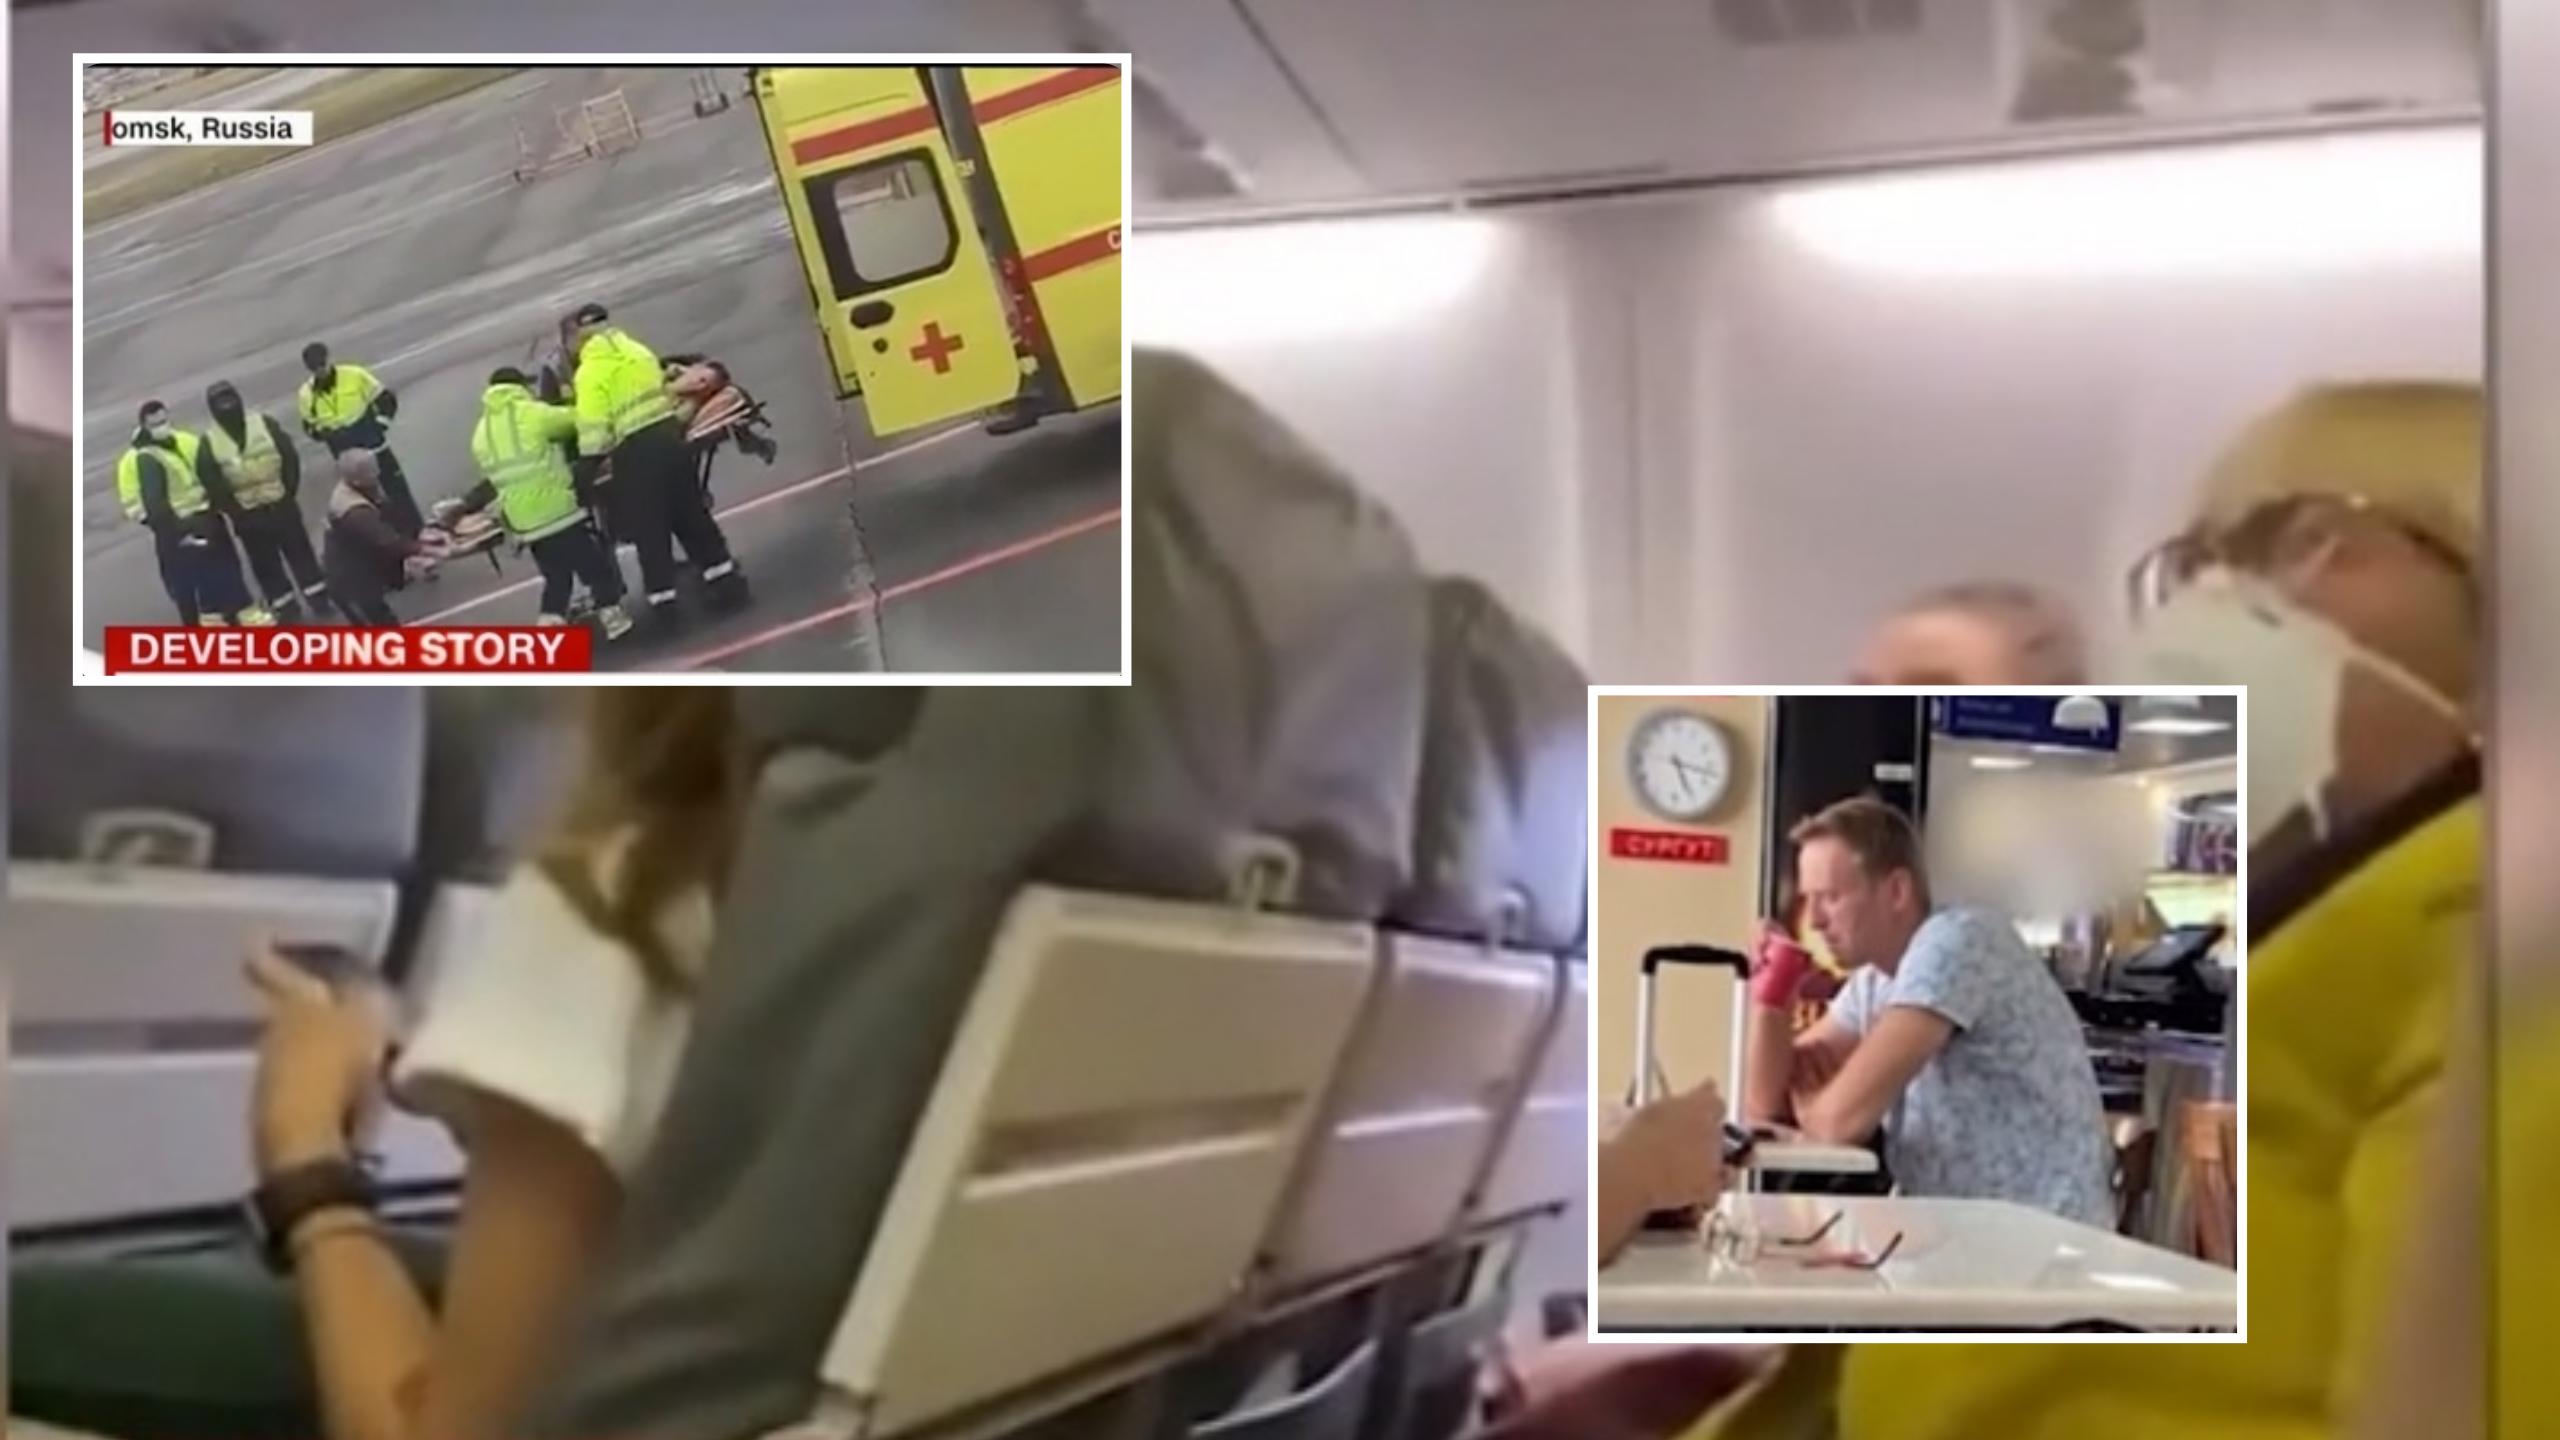 Del videoja horror nga avioni, ulërimat e kundërshtarit të Putinit pas helmimit